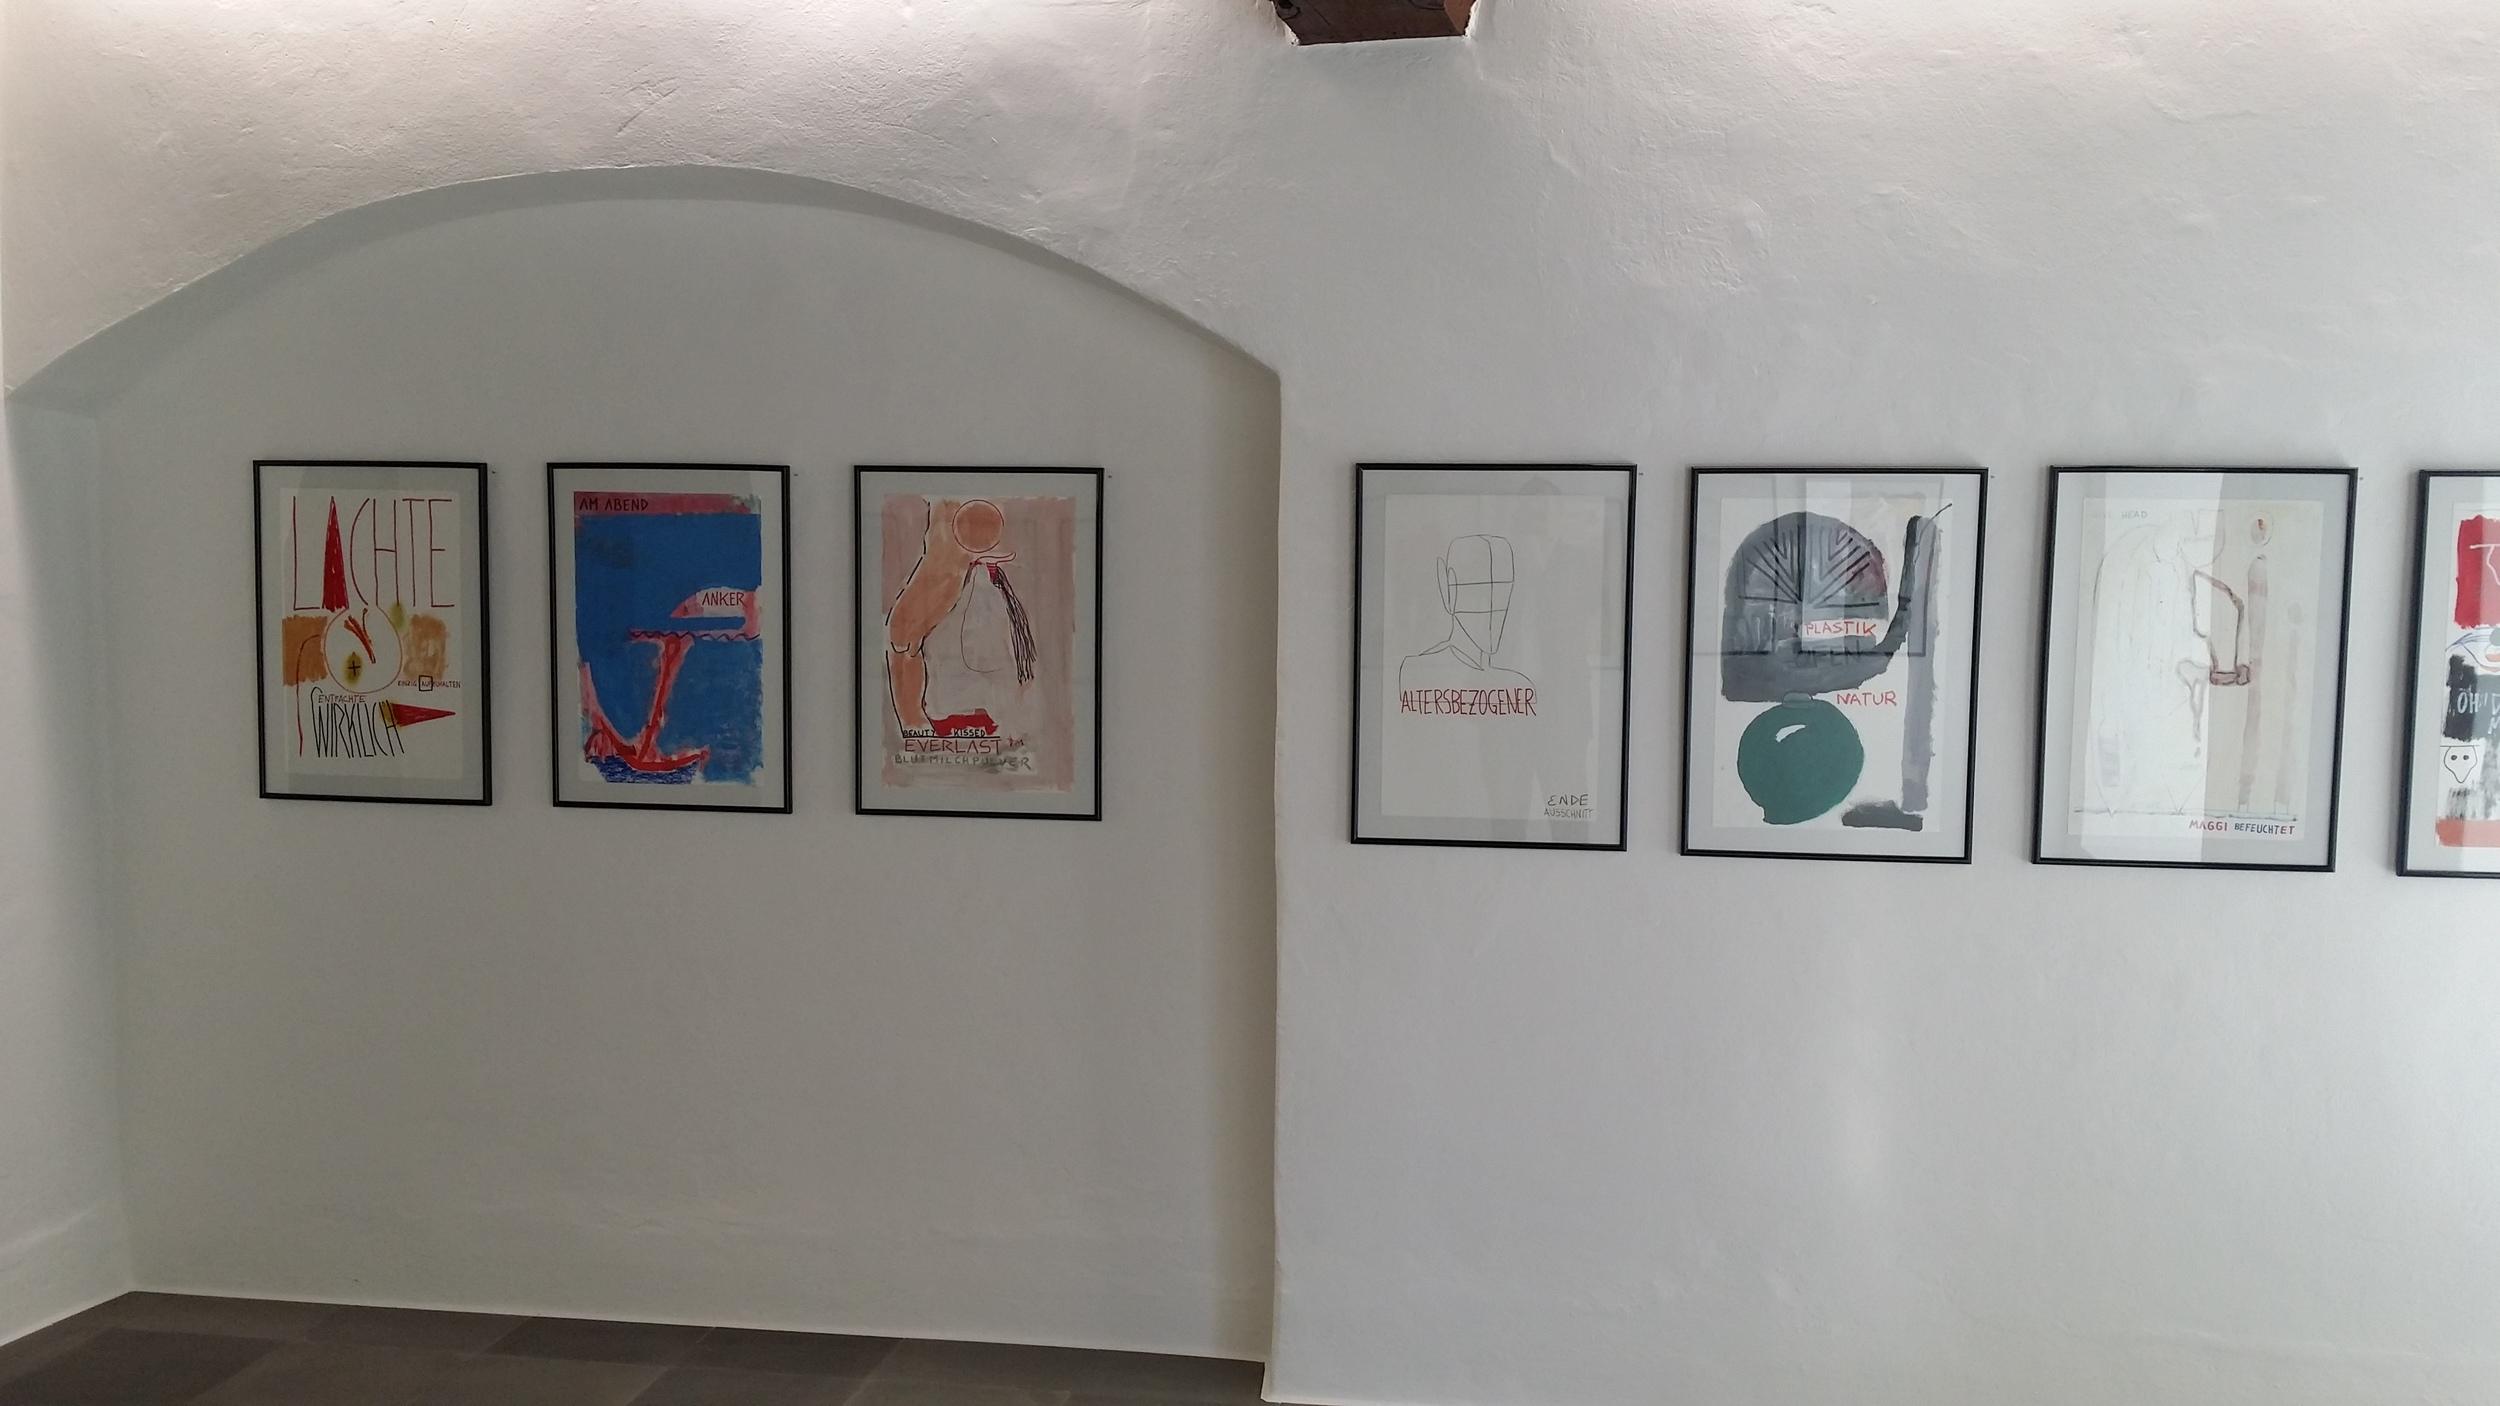 Gmunden, Galerie 422 Werkserie gemeinsam mit Dietmar Brehm 2015